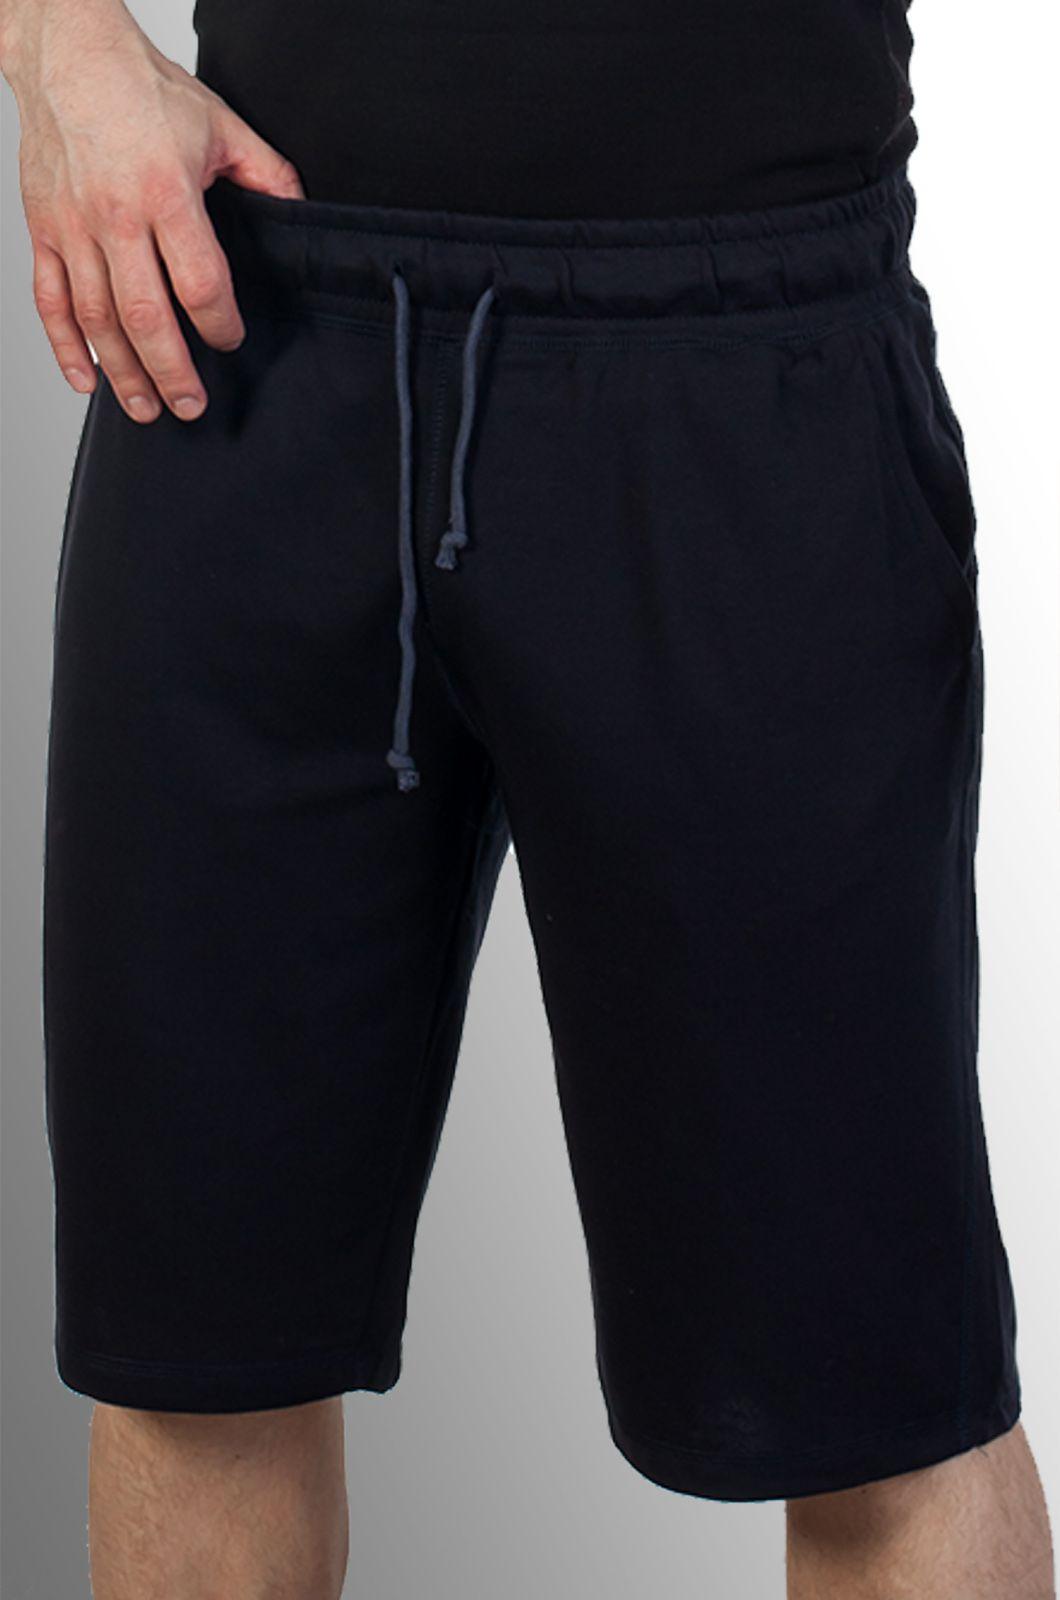 Купить шорты для отдыха мужские